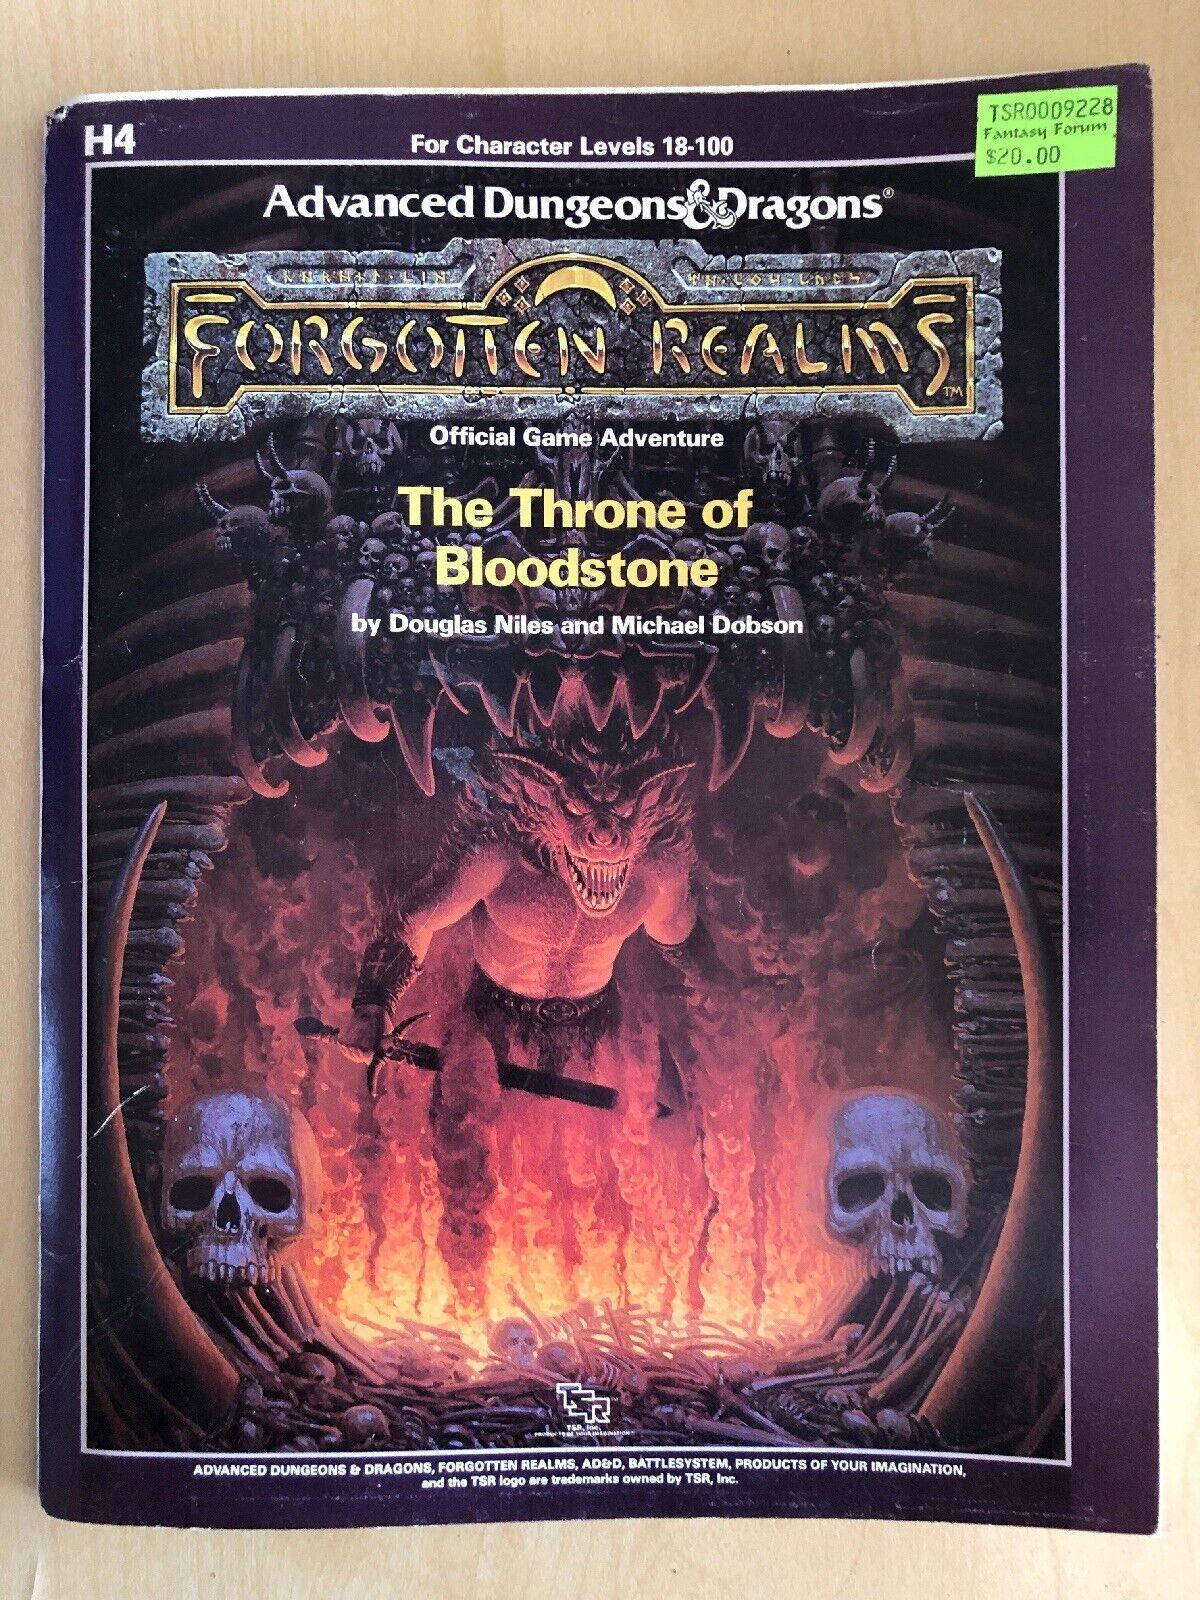 orden ahora disfrutar de gran descuento H4 H4 H4 el trono de Bloodstone mazmorras DRAGONES D&D Forgotten Realms TSR 9228  gran descuento